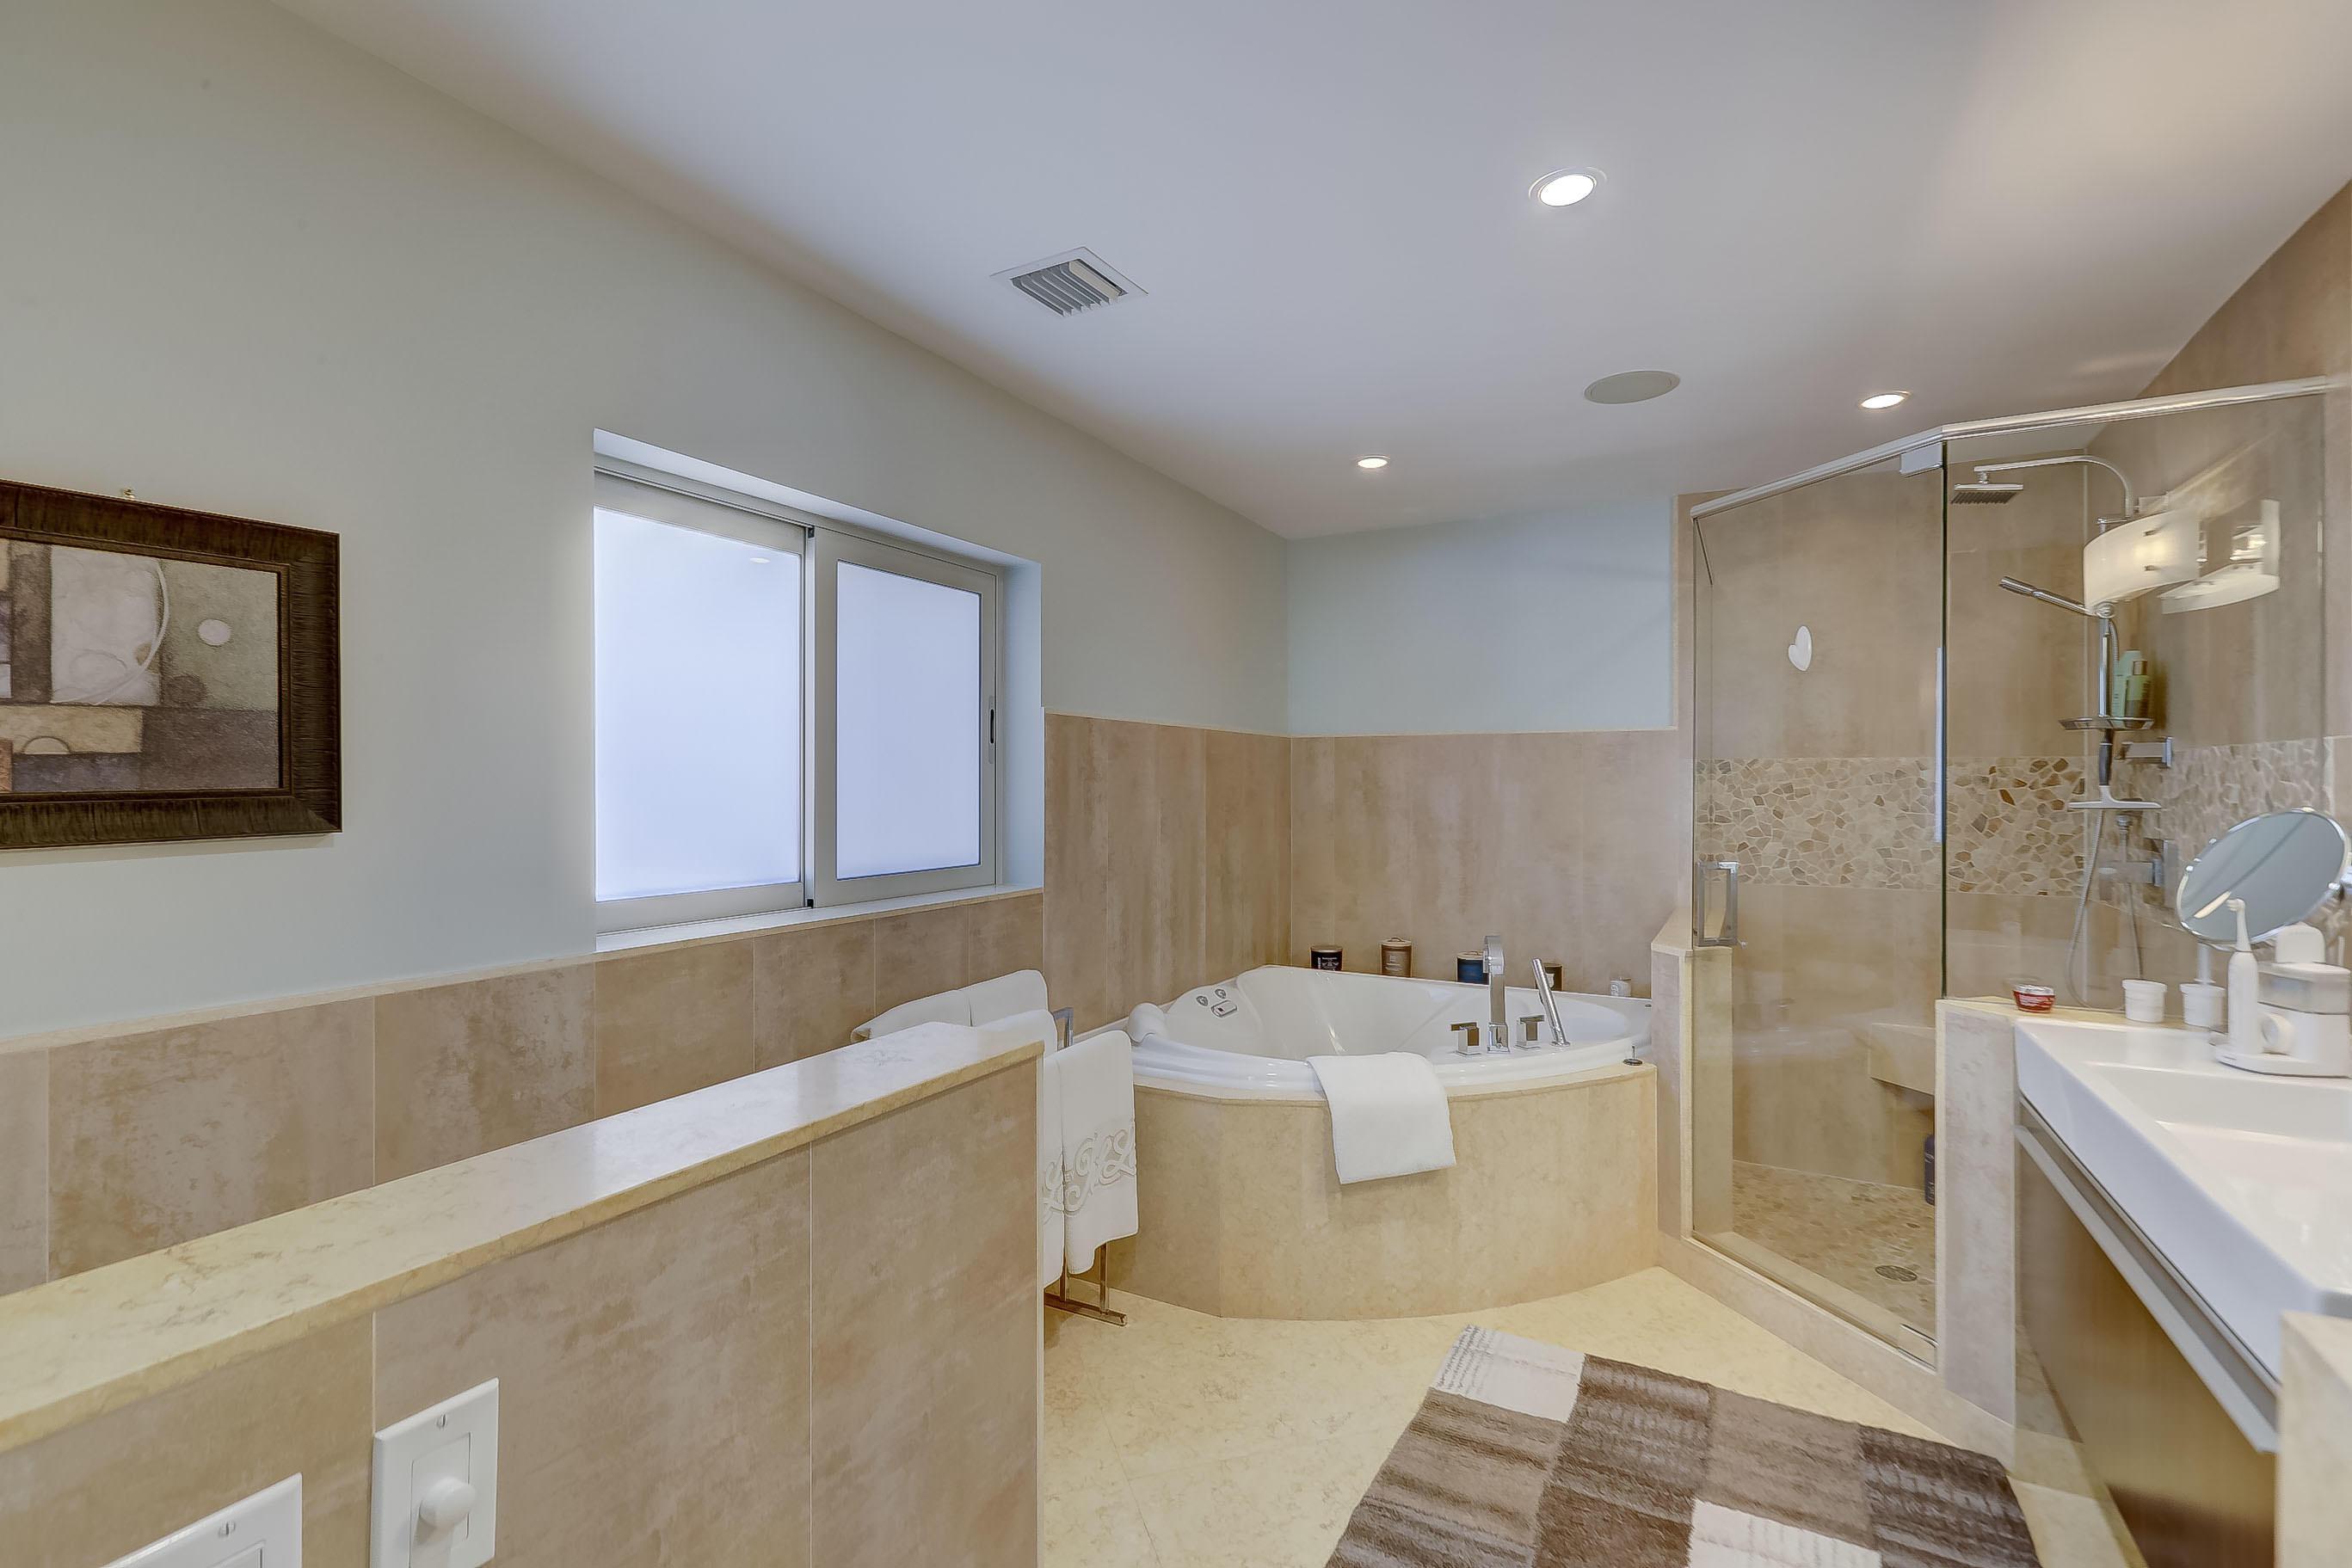 Large Spa Master Bathroom